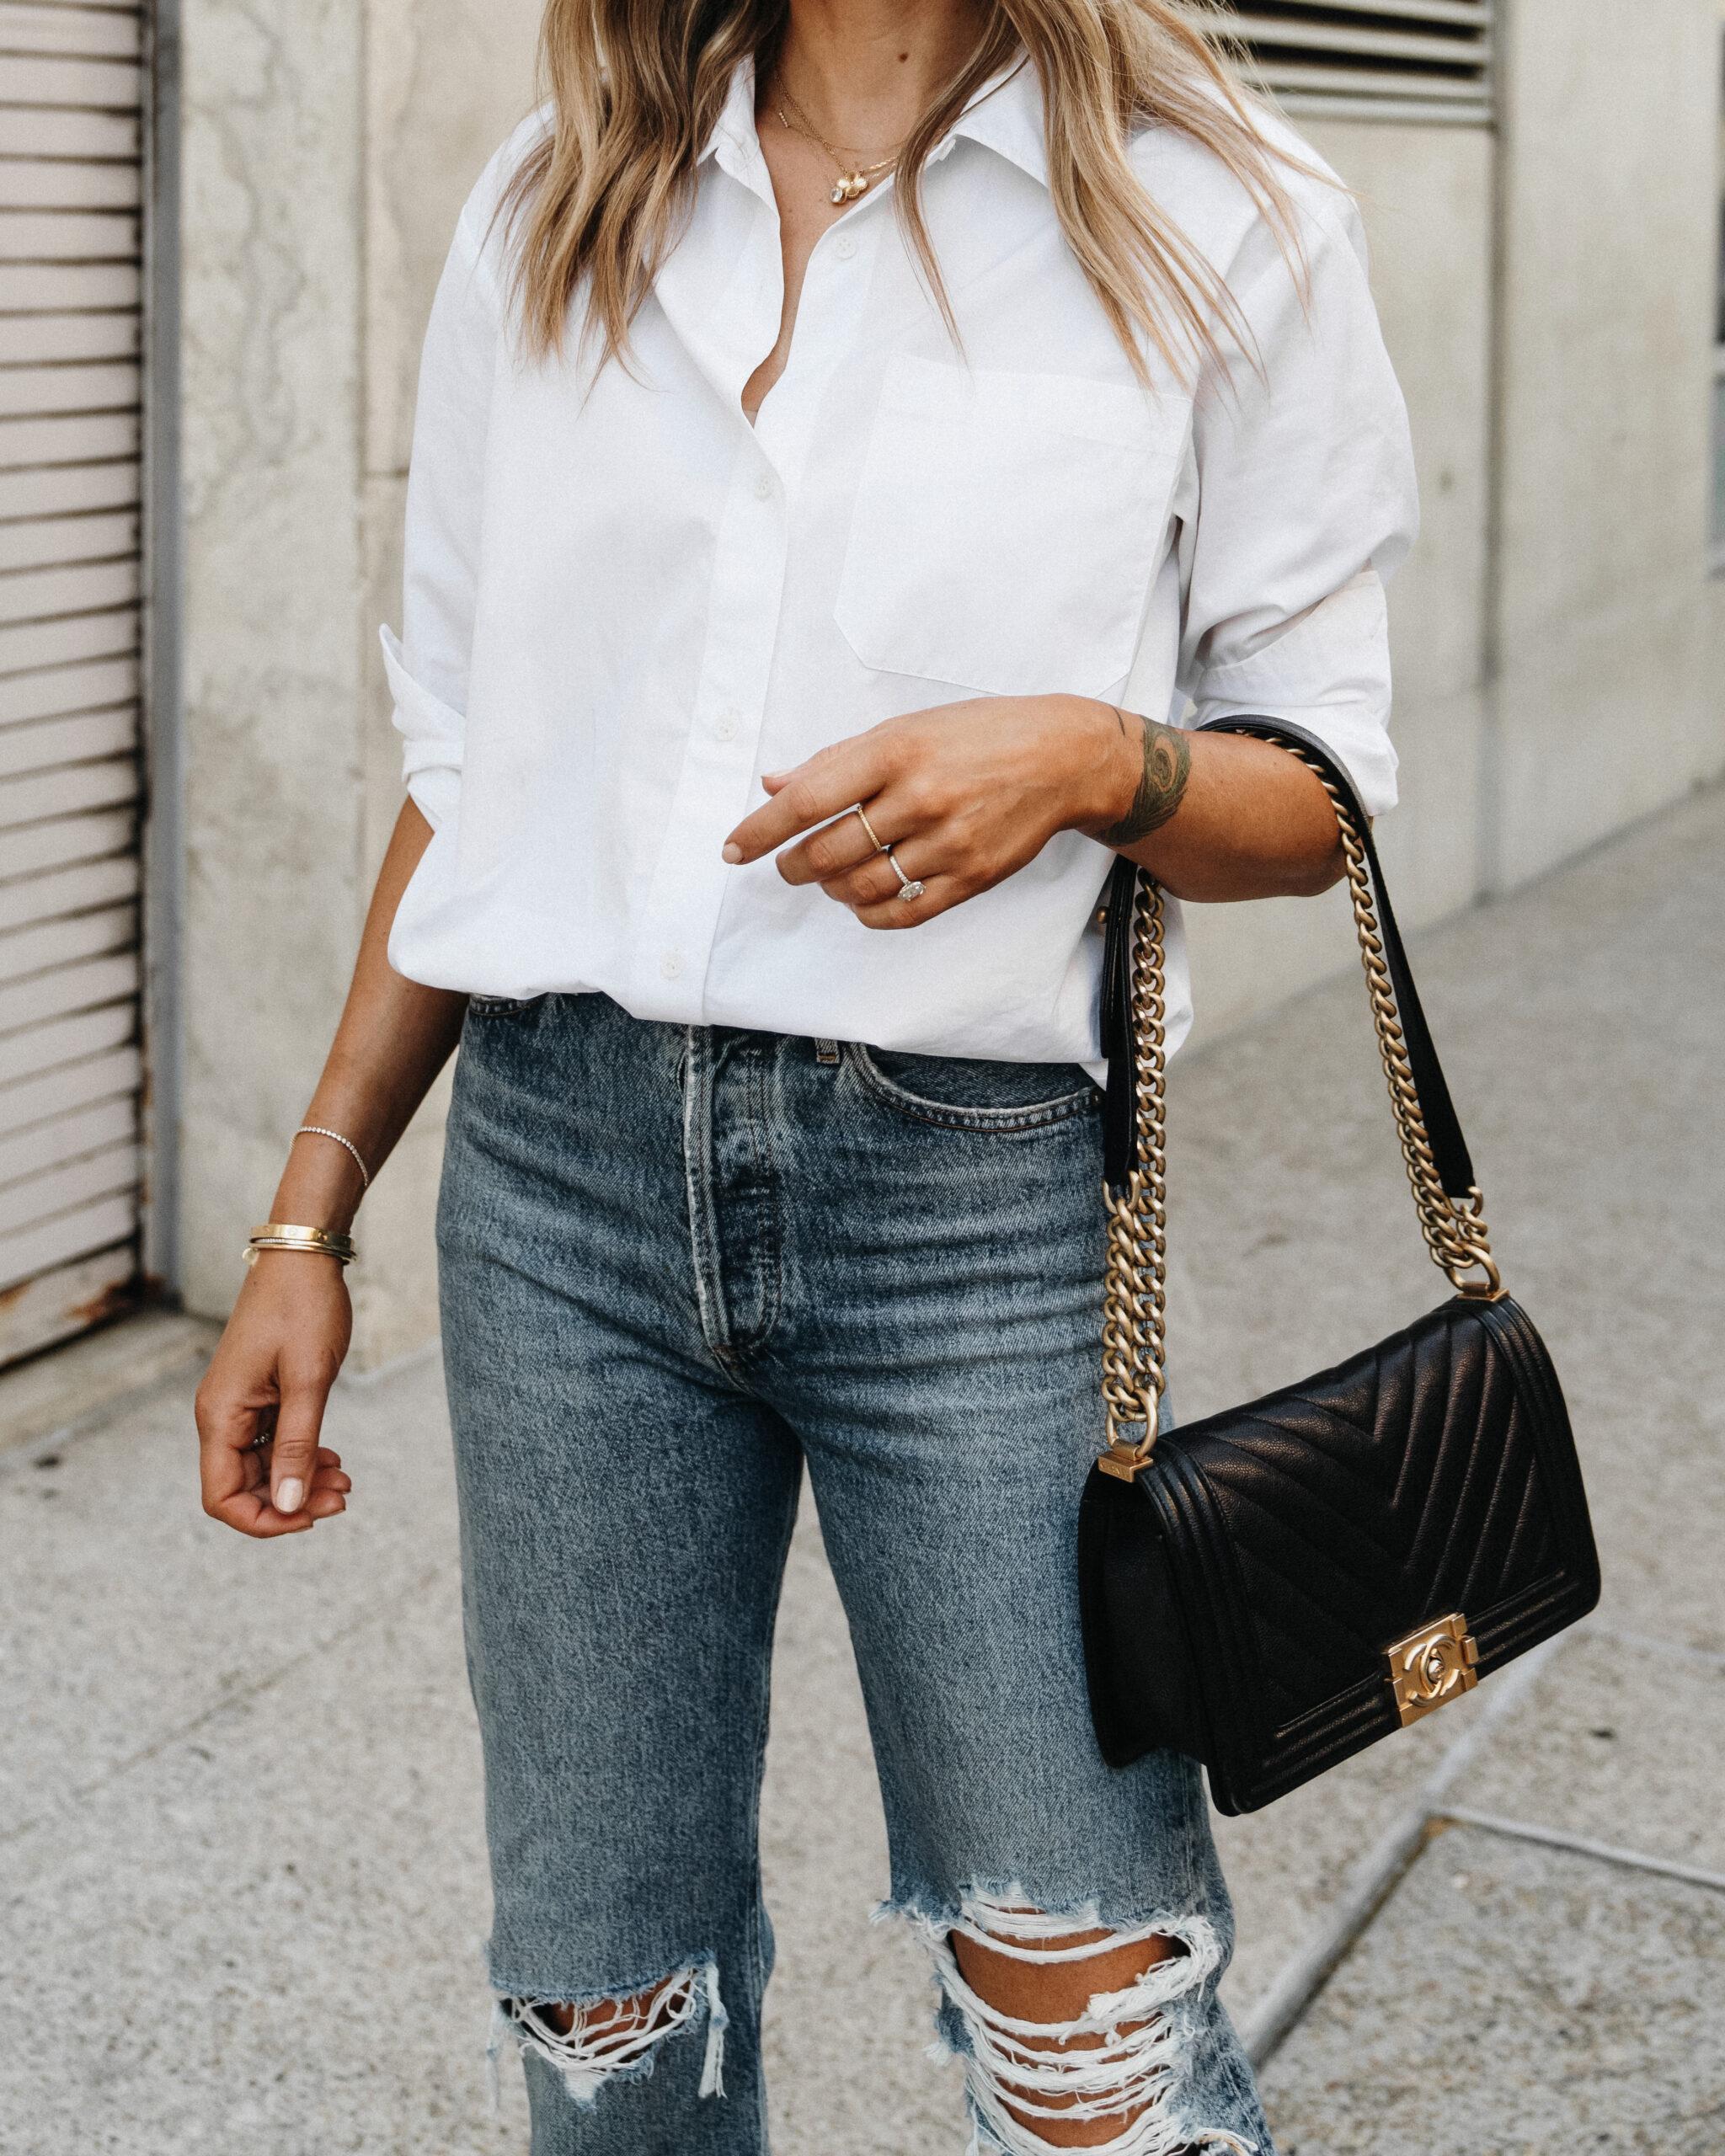 Fashion Jackson Wearing Jenni Kayne Boyfriend Button Down Shirt Ripped Jeans Chanel Black Old Medium Boy Bag